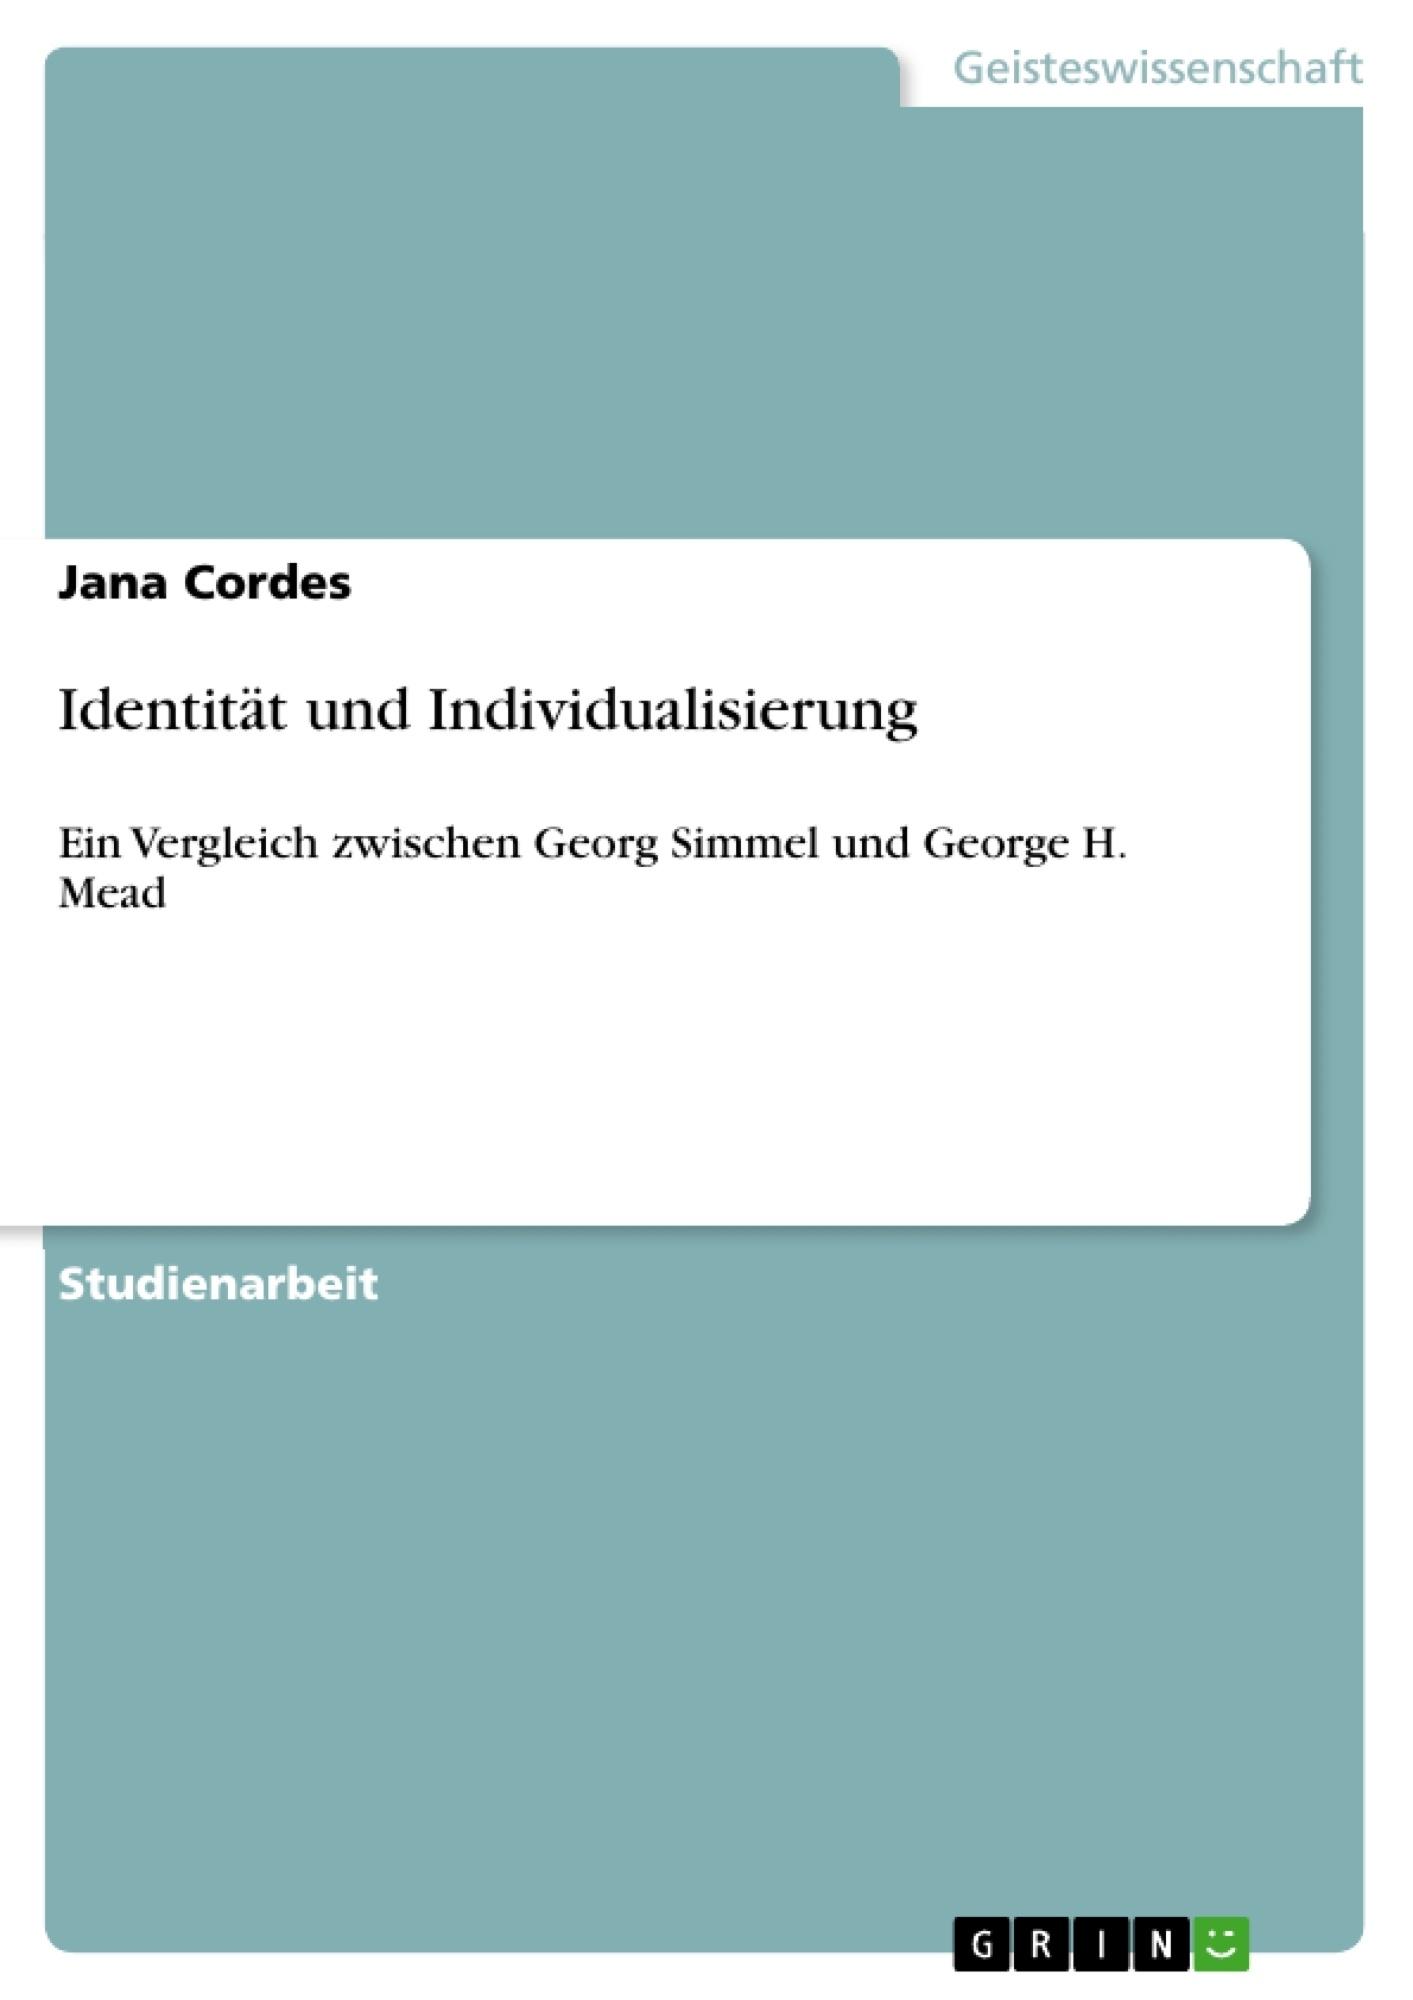 Titel: Identität und Individualisierung